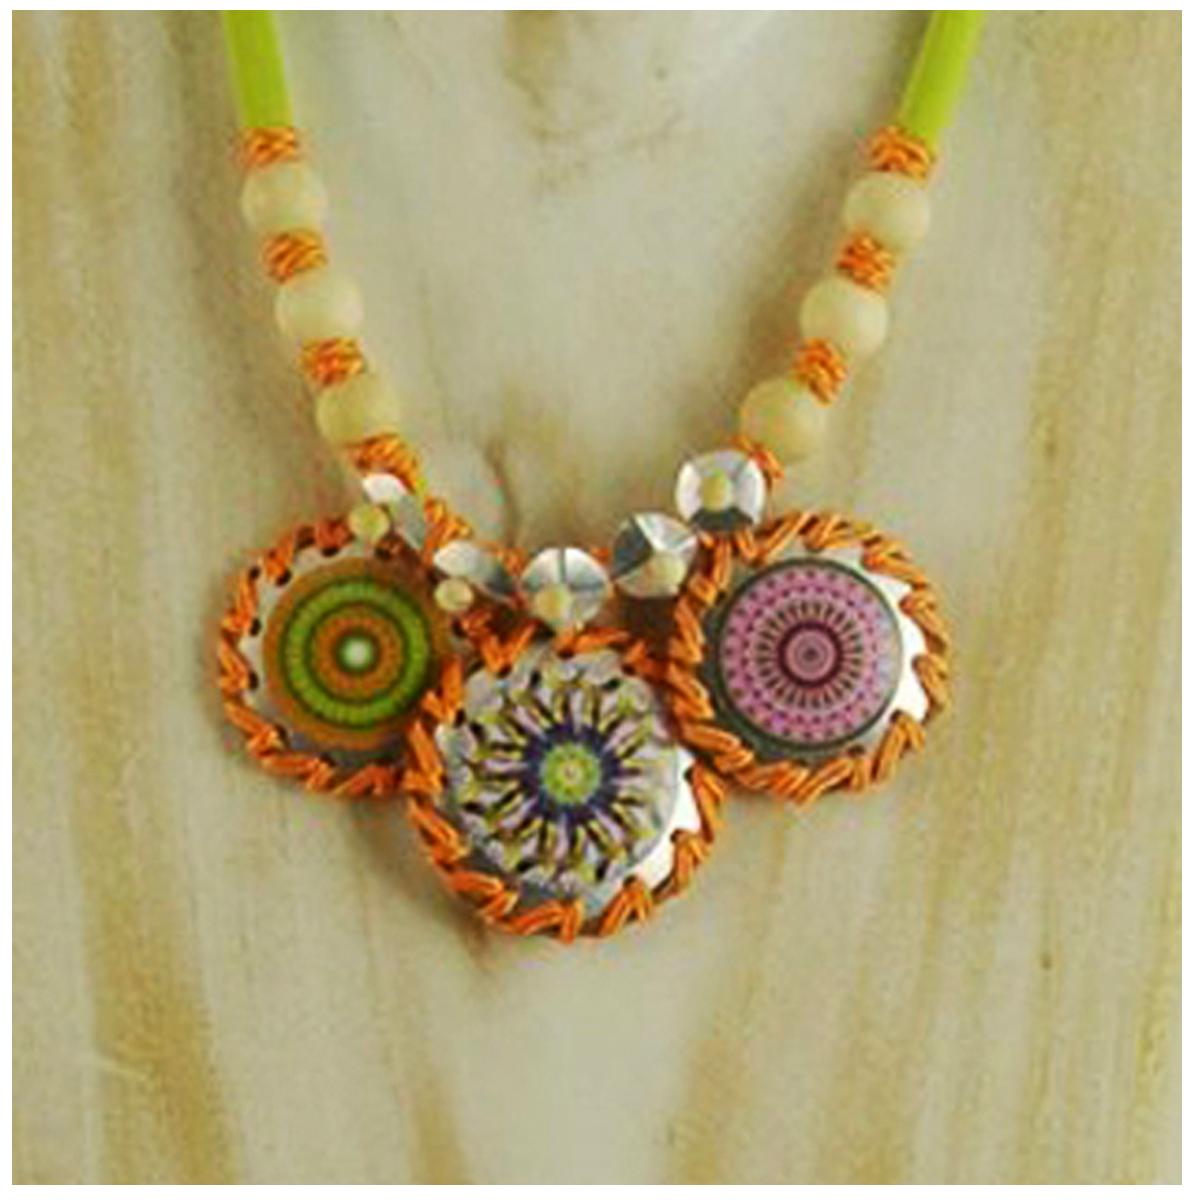 Collier artisanal \'Mistinguette\' vert orange argenté - 11x4 cm (mandala) - [R4309]